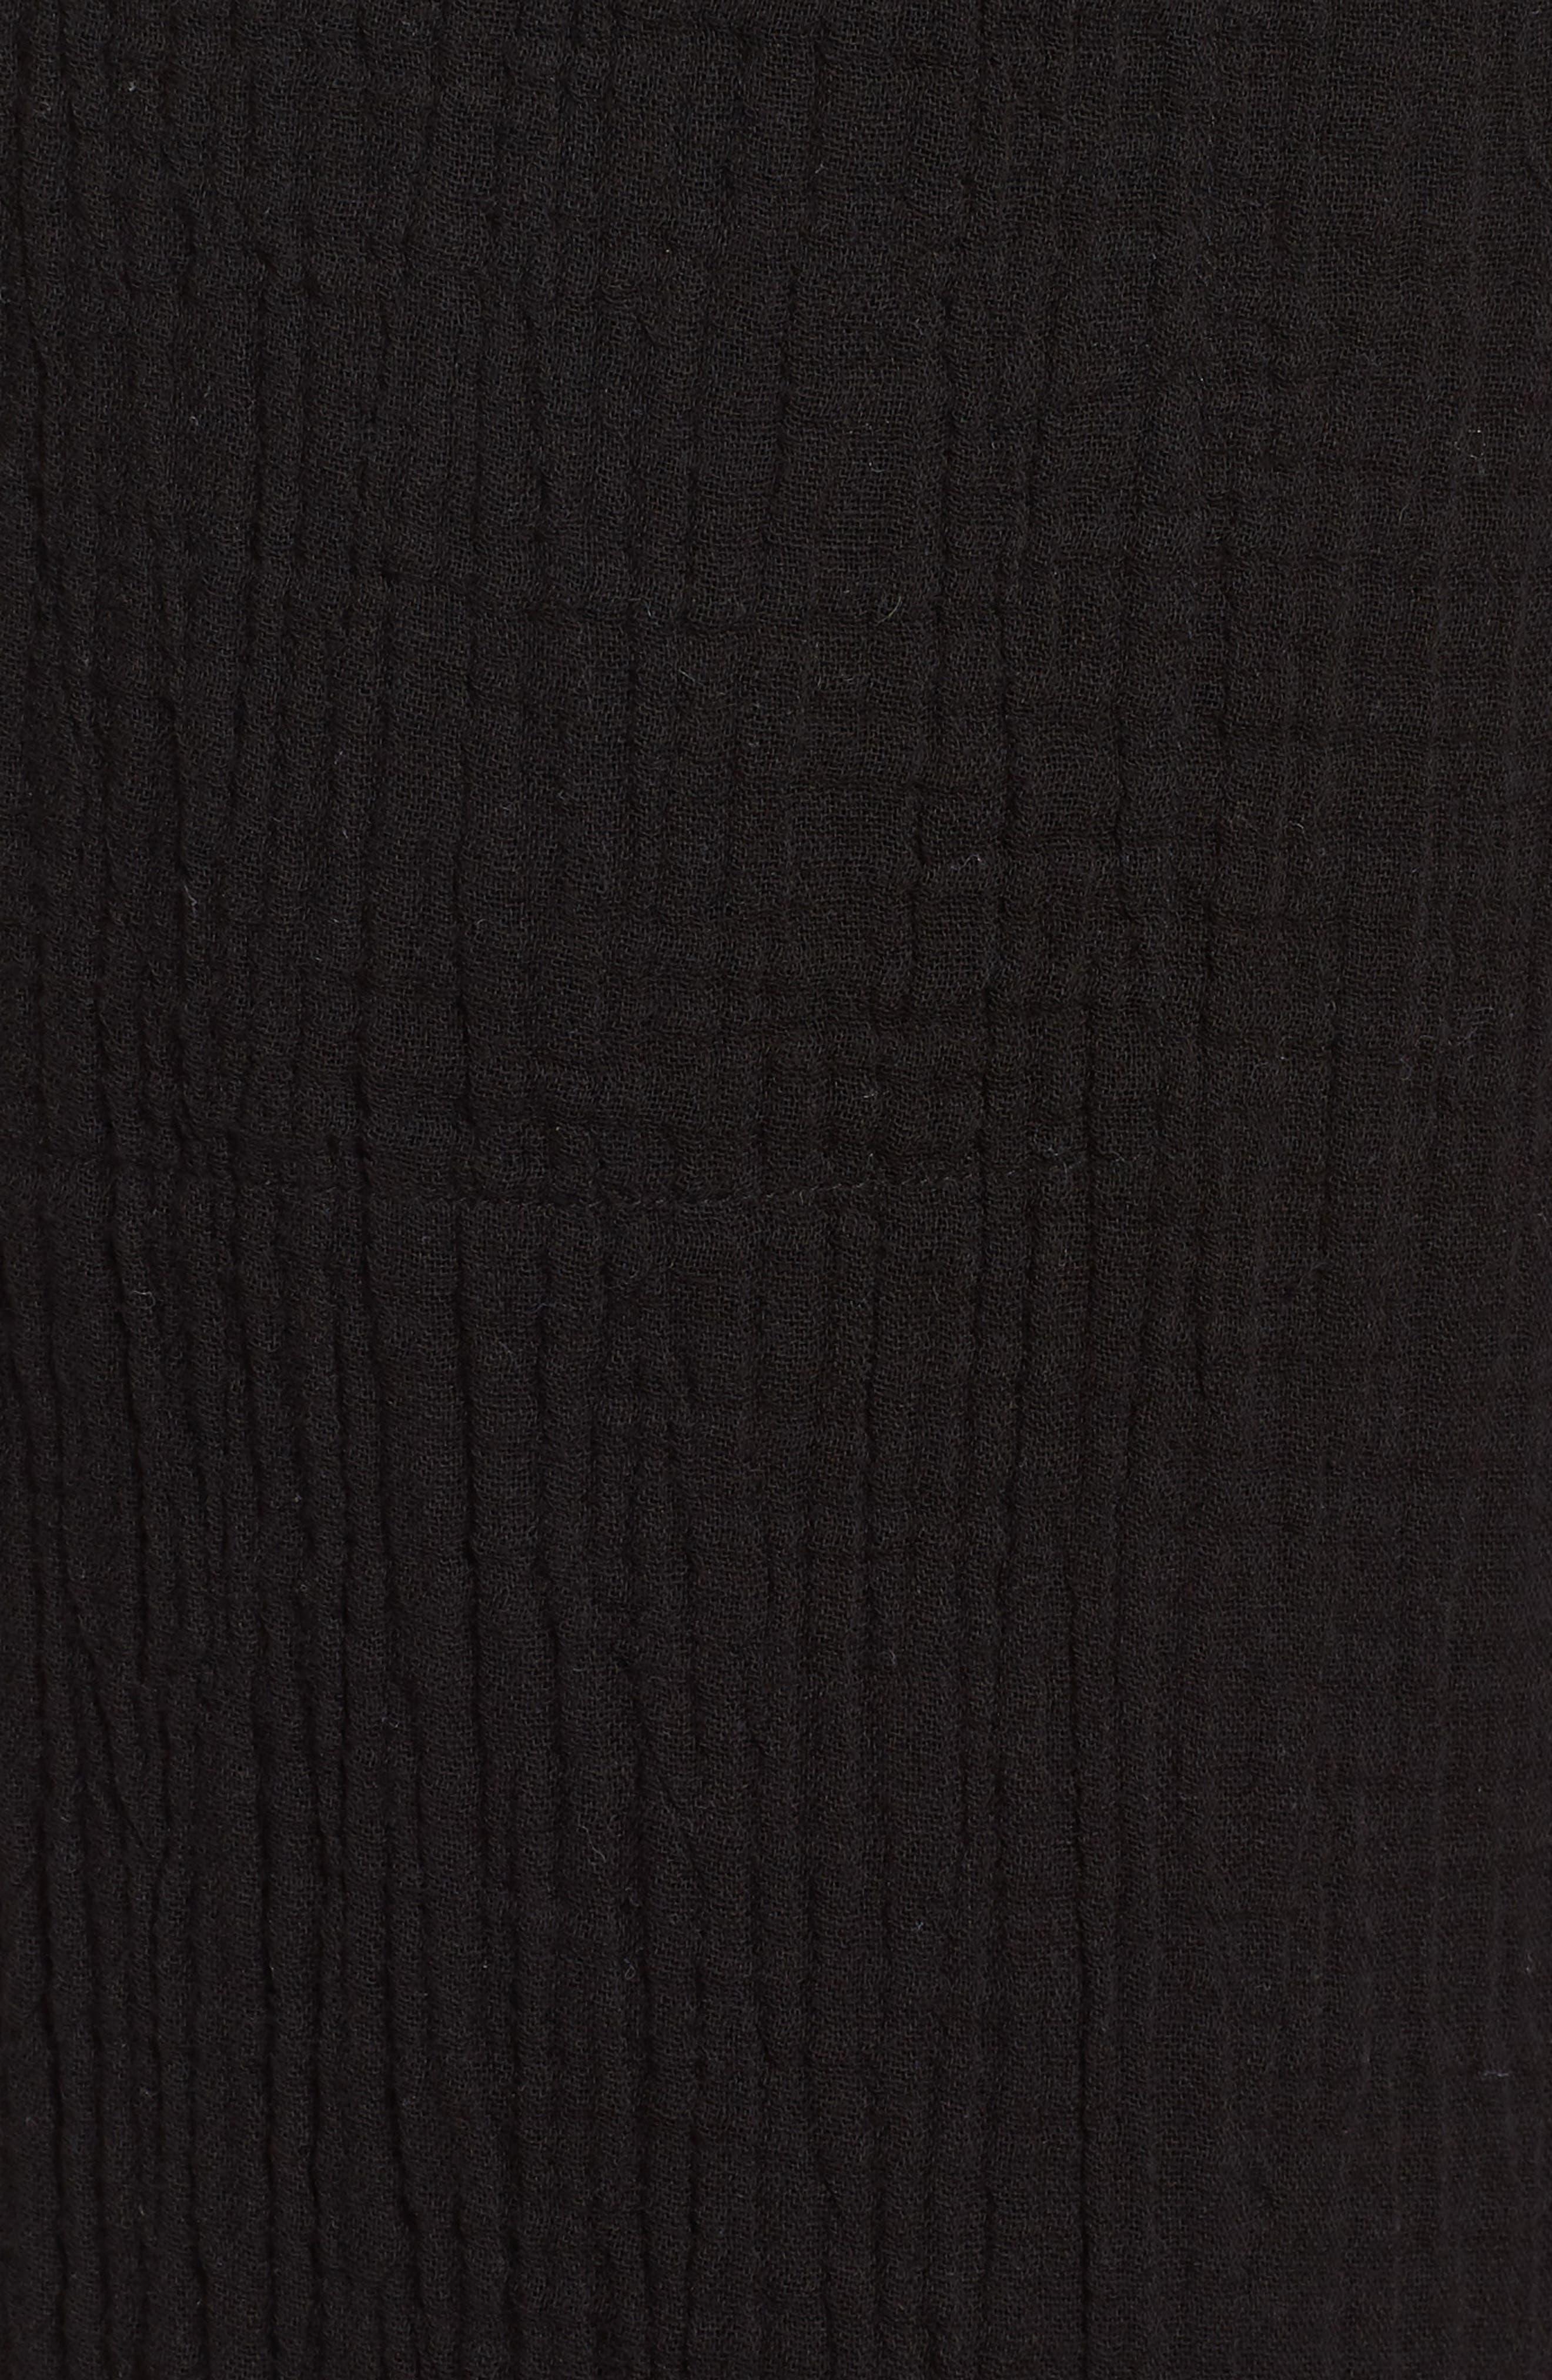 Organic Cotton Crop Pants,                             Alternate thumbnail 6, color,                             001